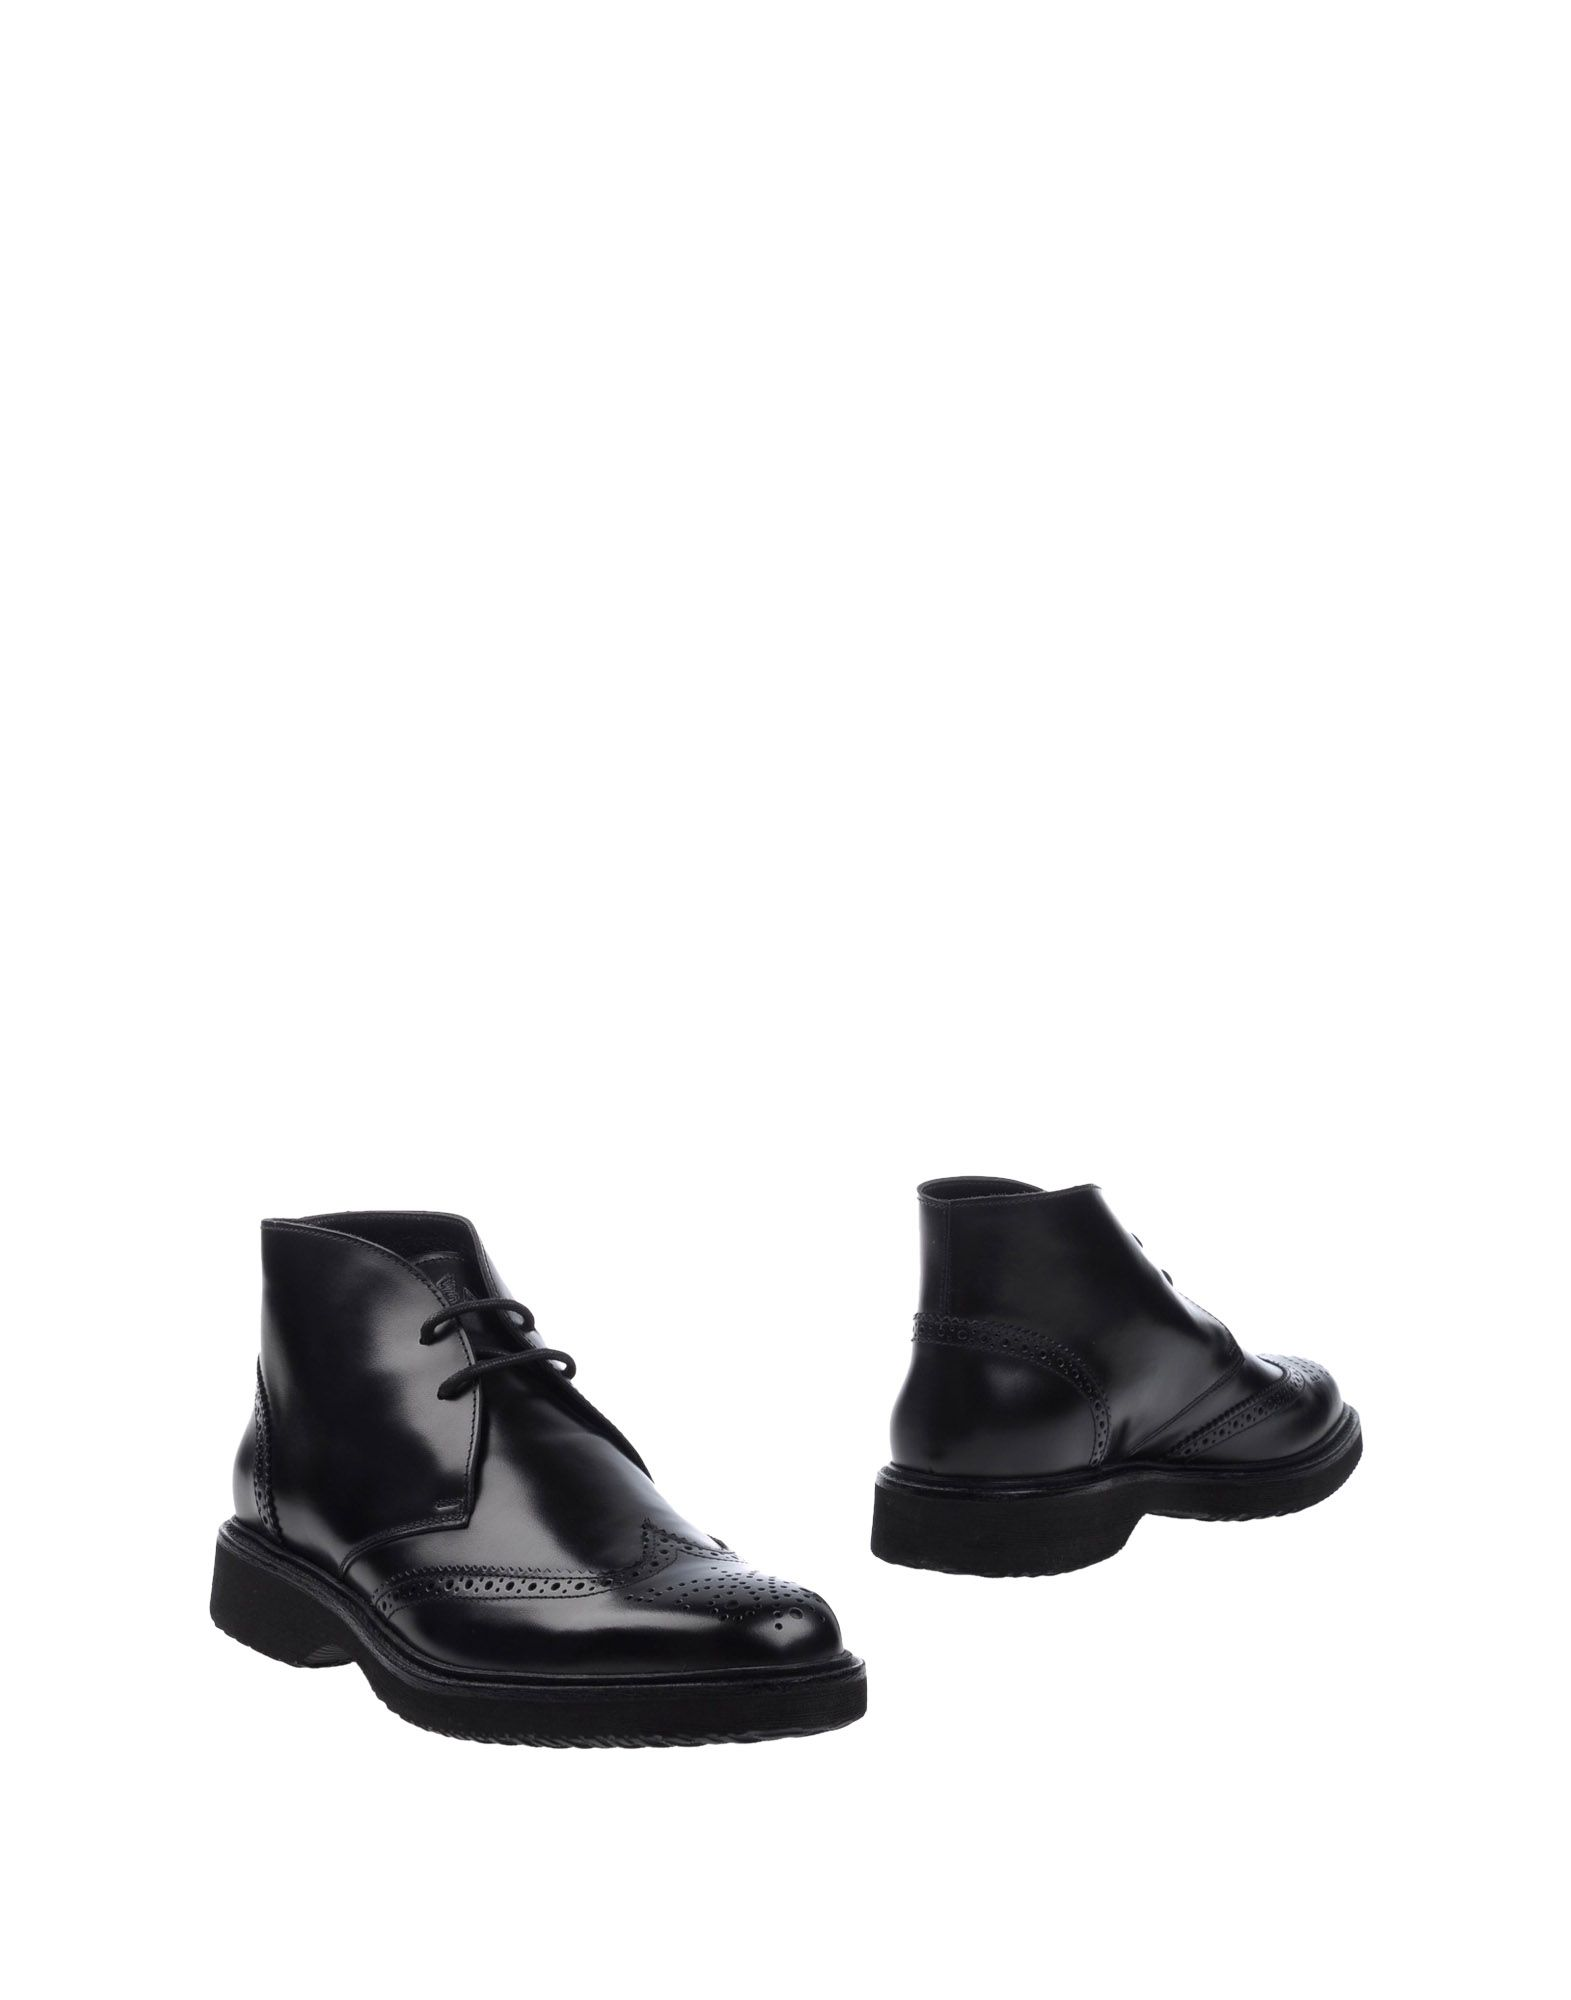 Hogan Stiefelette Herren  11299132TR Gute Qualität beliebte Schuhe